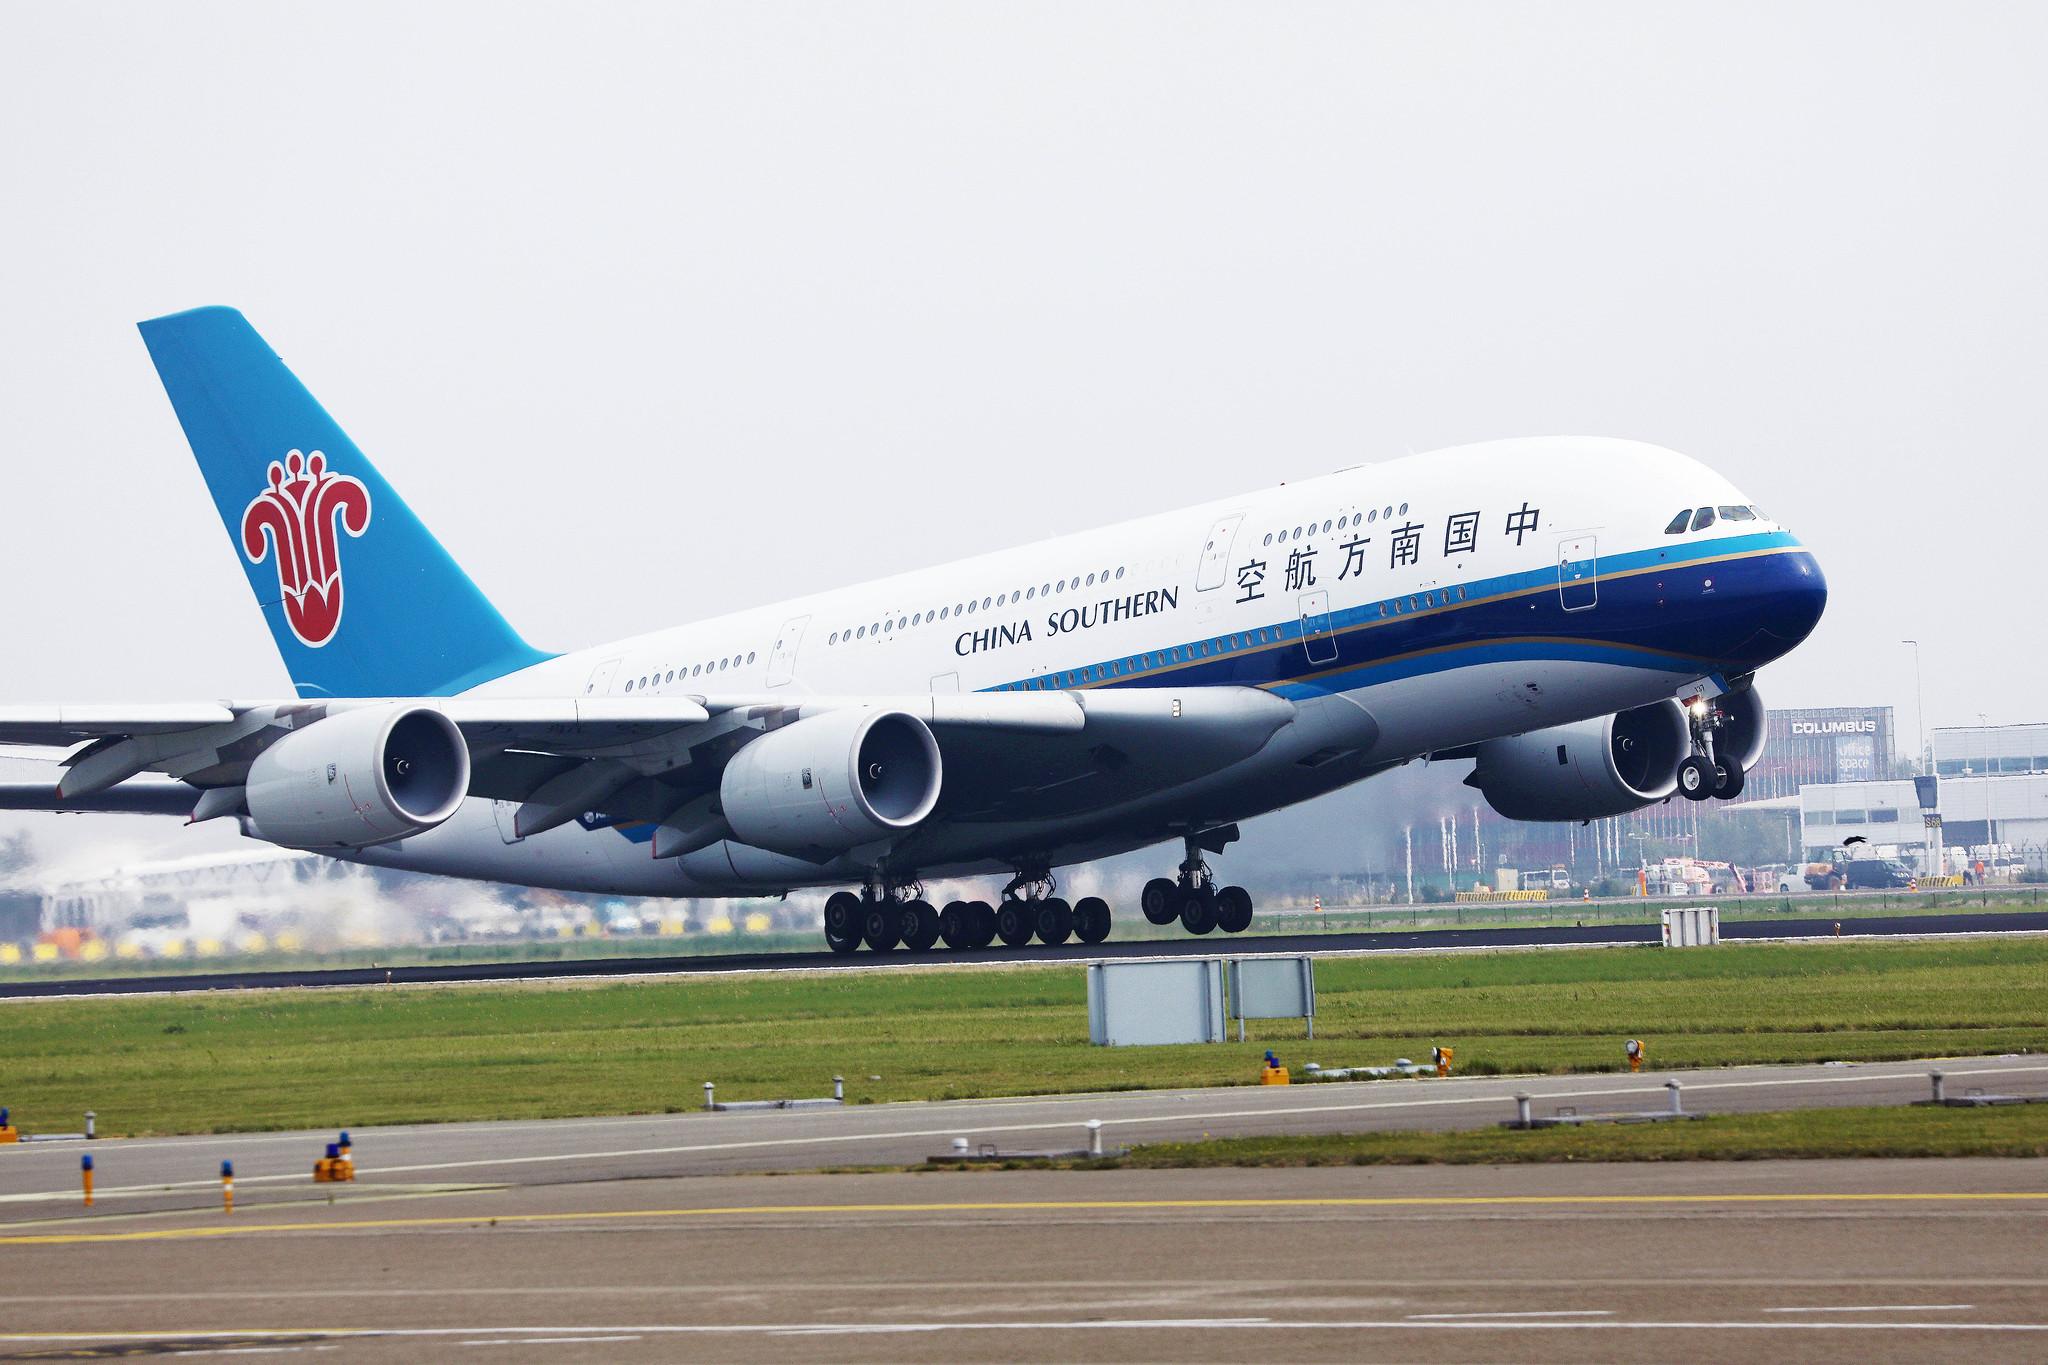 بزرگترین هواپیمای جهان - سایت خبری ازدیدما